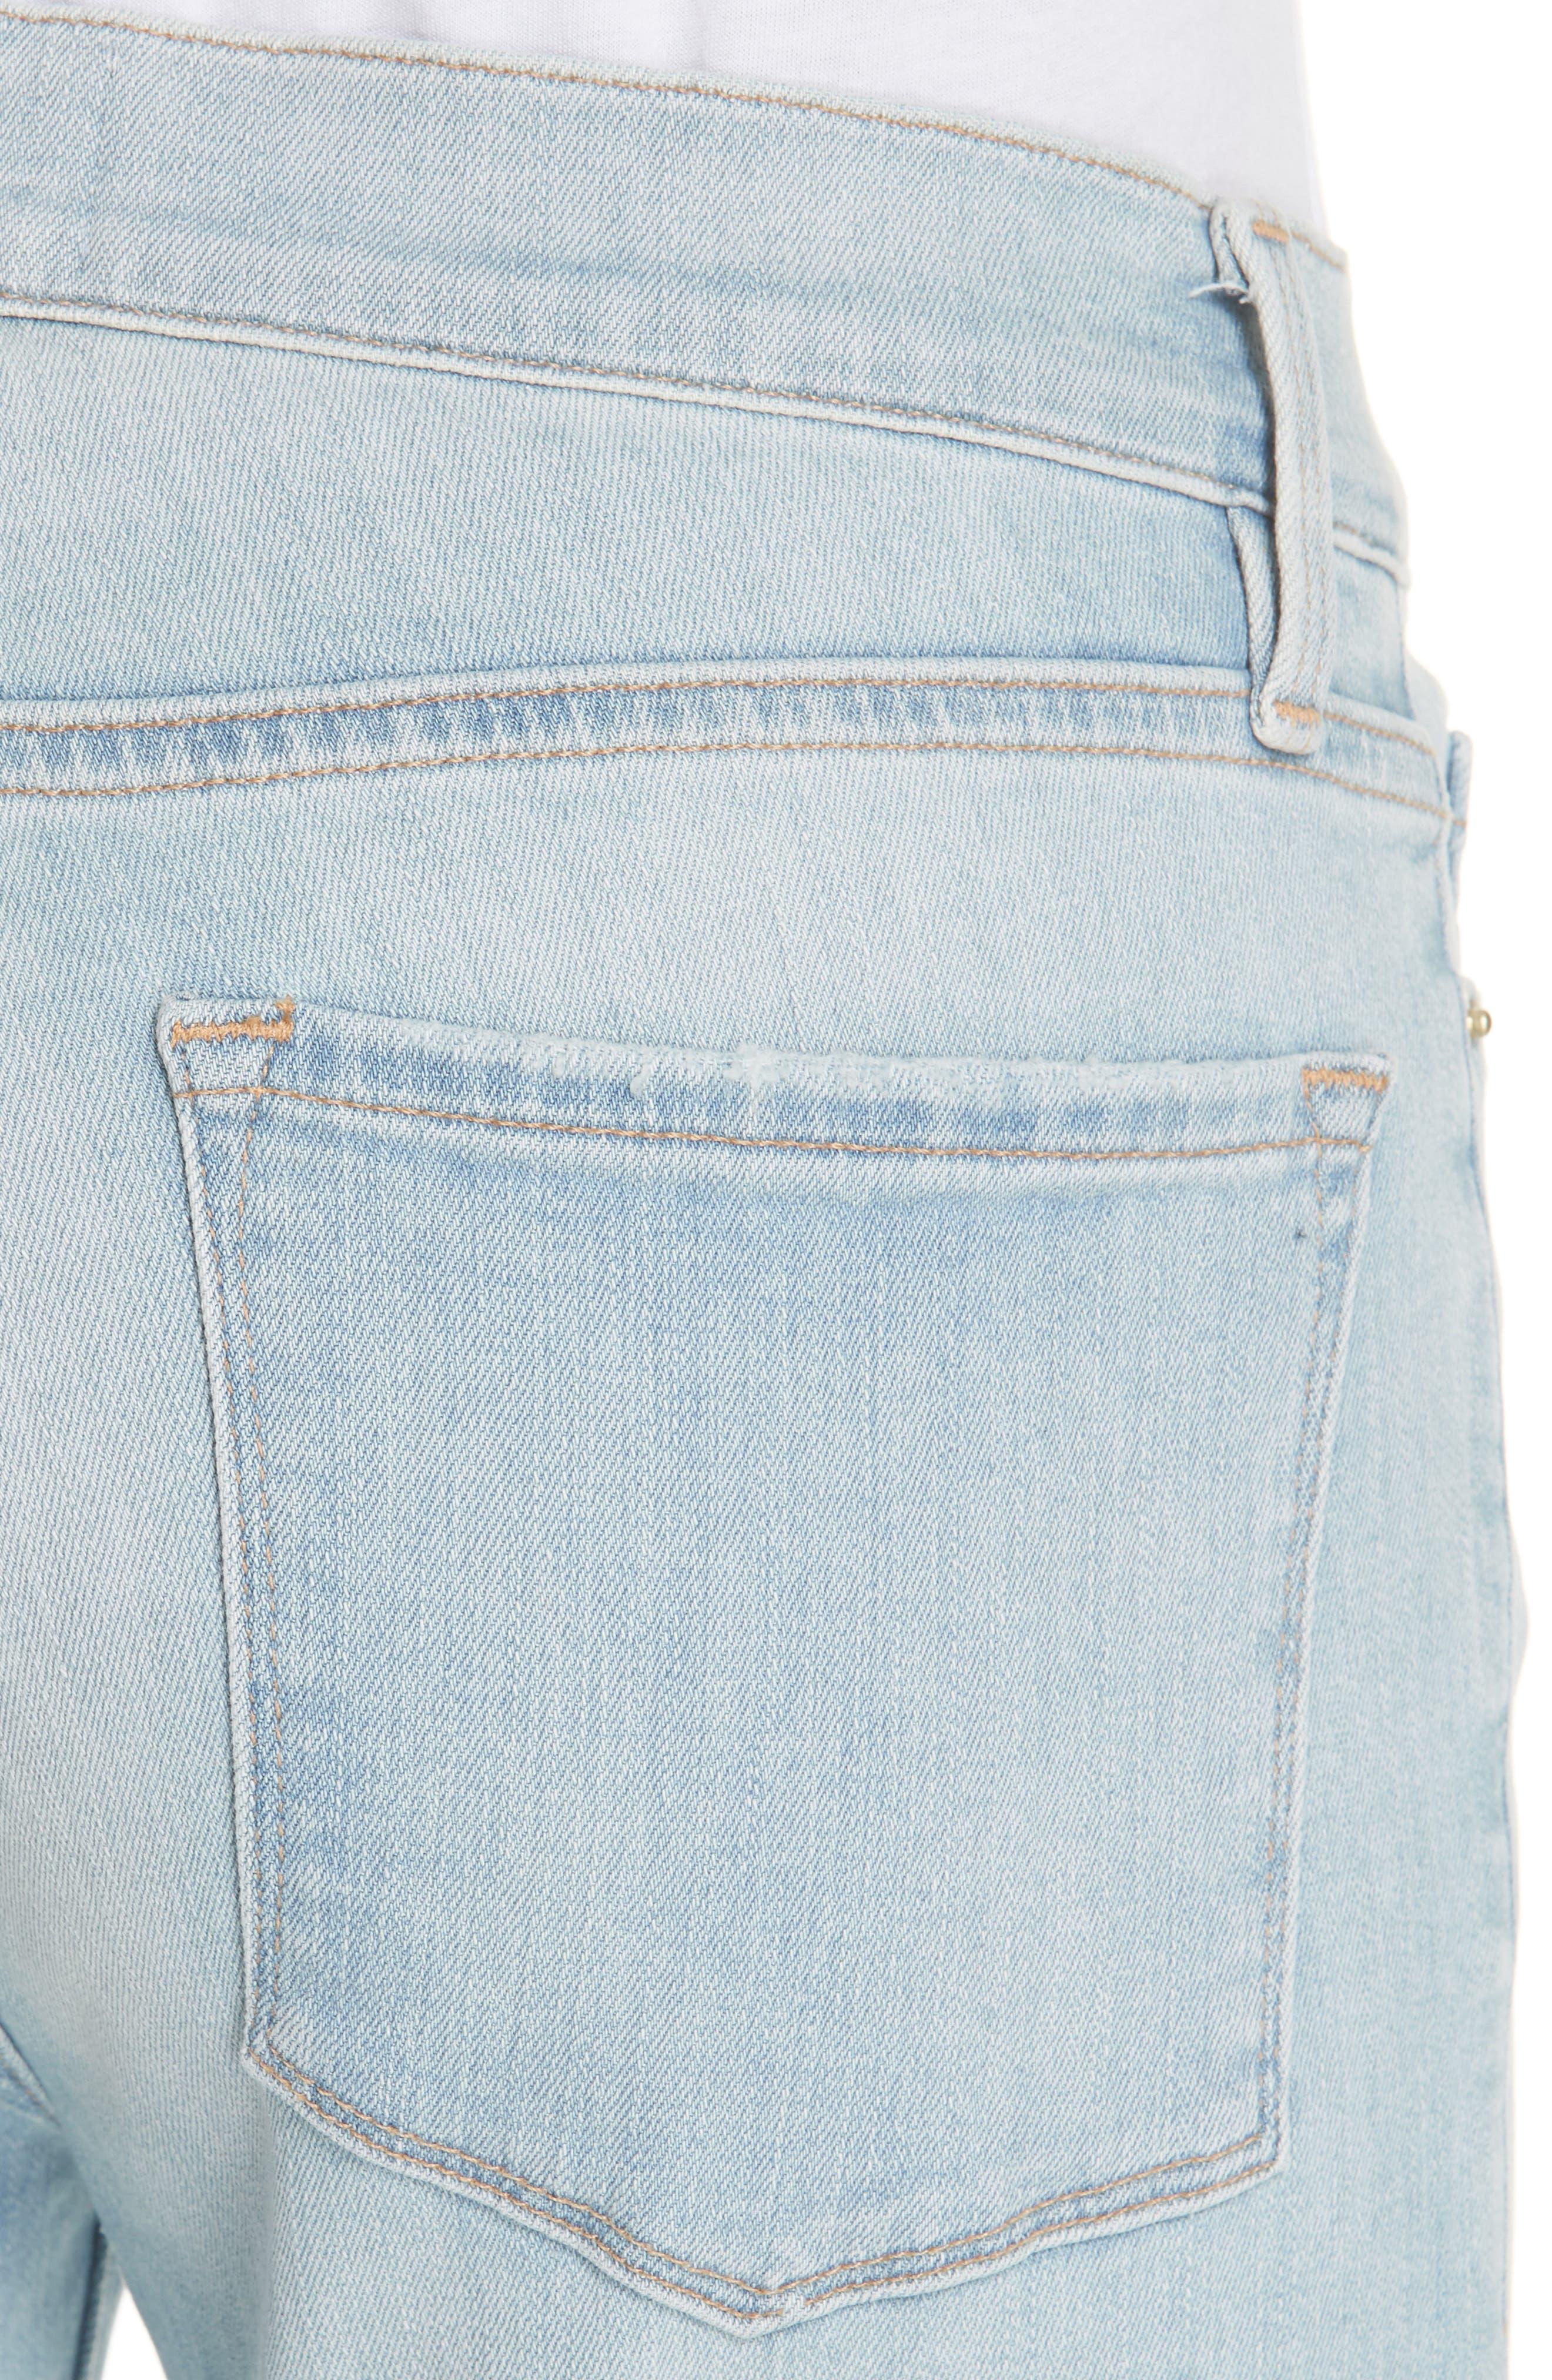 Le Skinny de Jeanne Crop Jeans,                             Alternate thumbnail 4, color,                             Southall